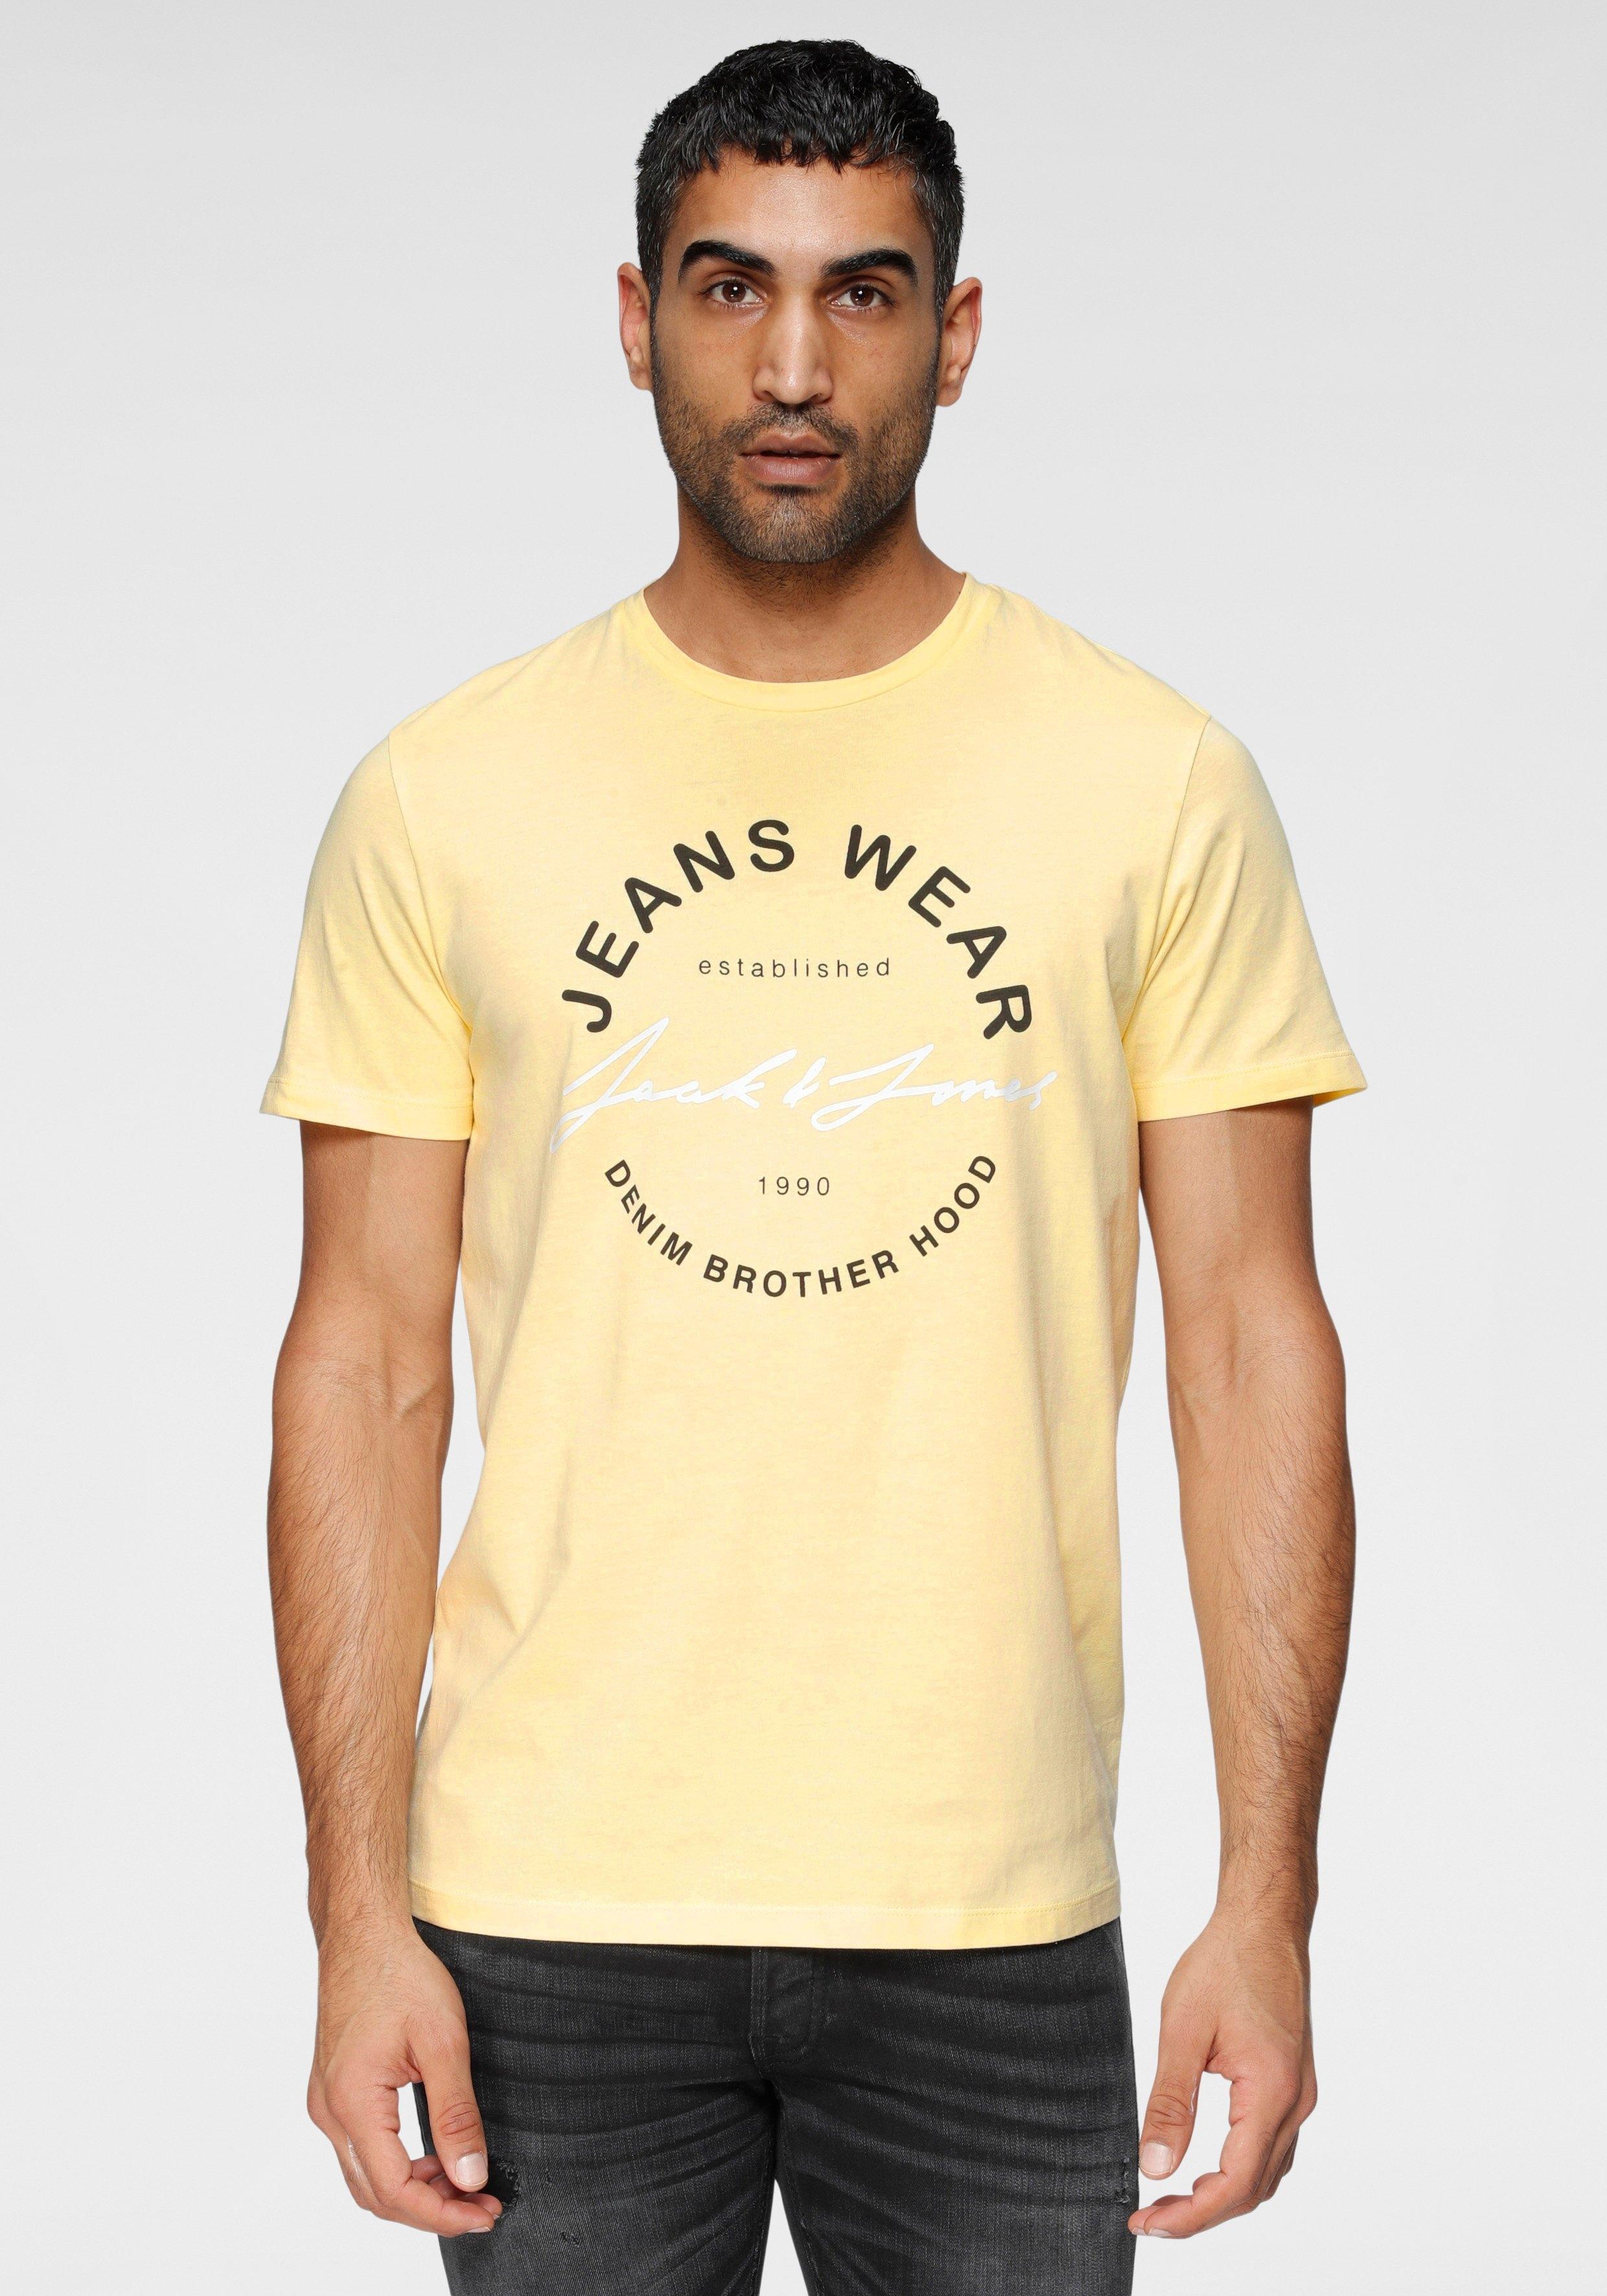 Jack & Jones T-shirt MOON TEE CREW NECK - gratis ruilen op otto.nl